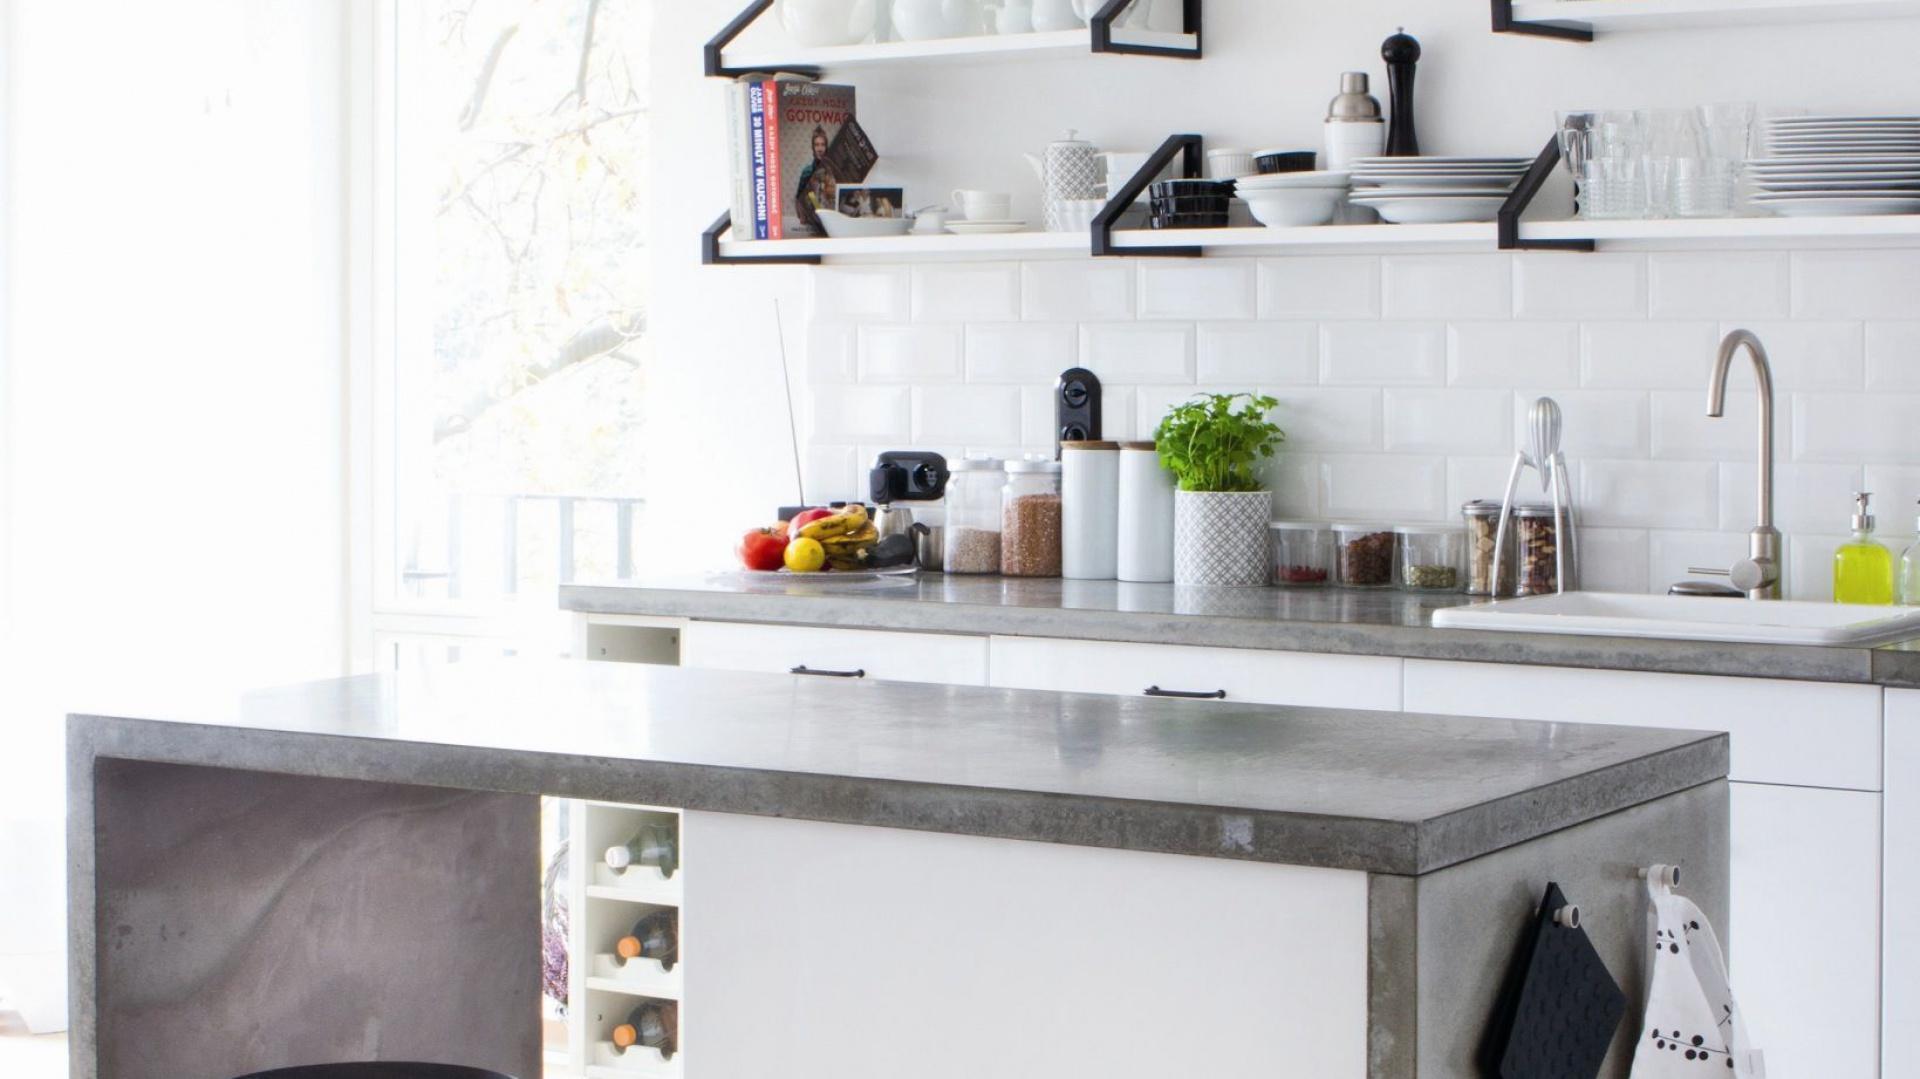 Białe meble kuchenne w tej delikatnie skandynawskiej kuchni wieńczą szare blaty wykonane z prawdziwego betonu. Fot. Morgan & Moeller.